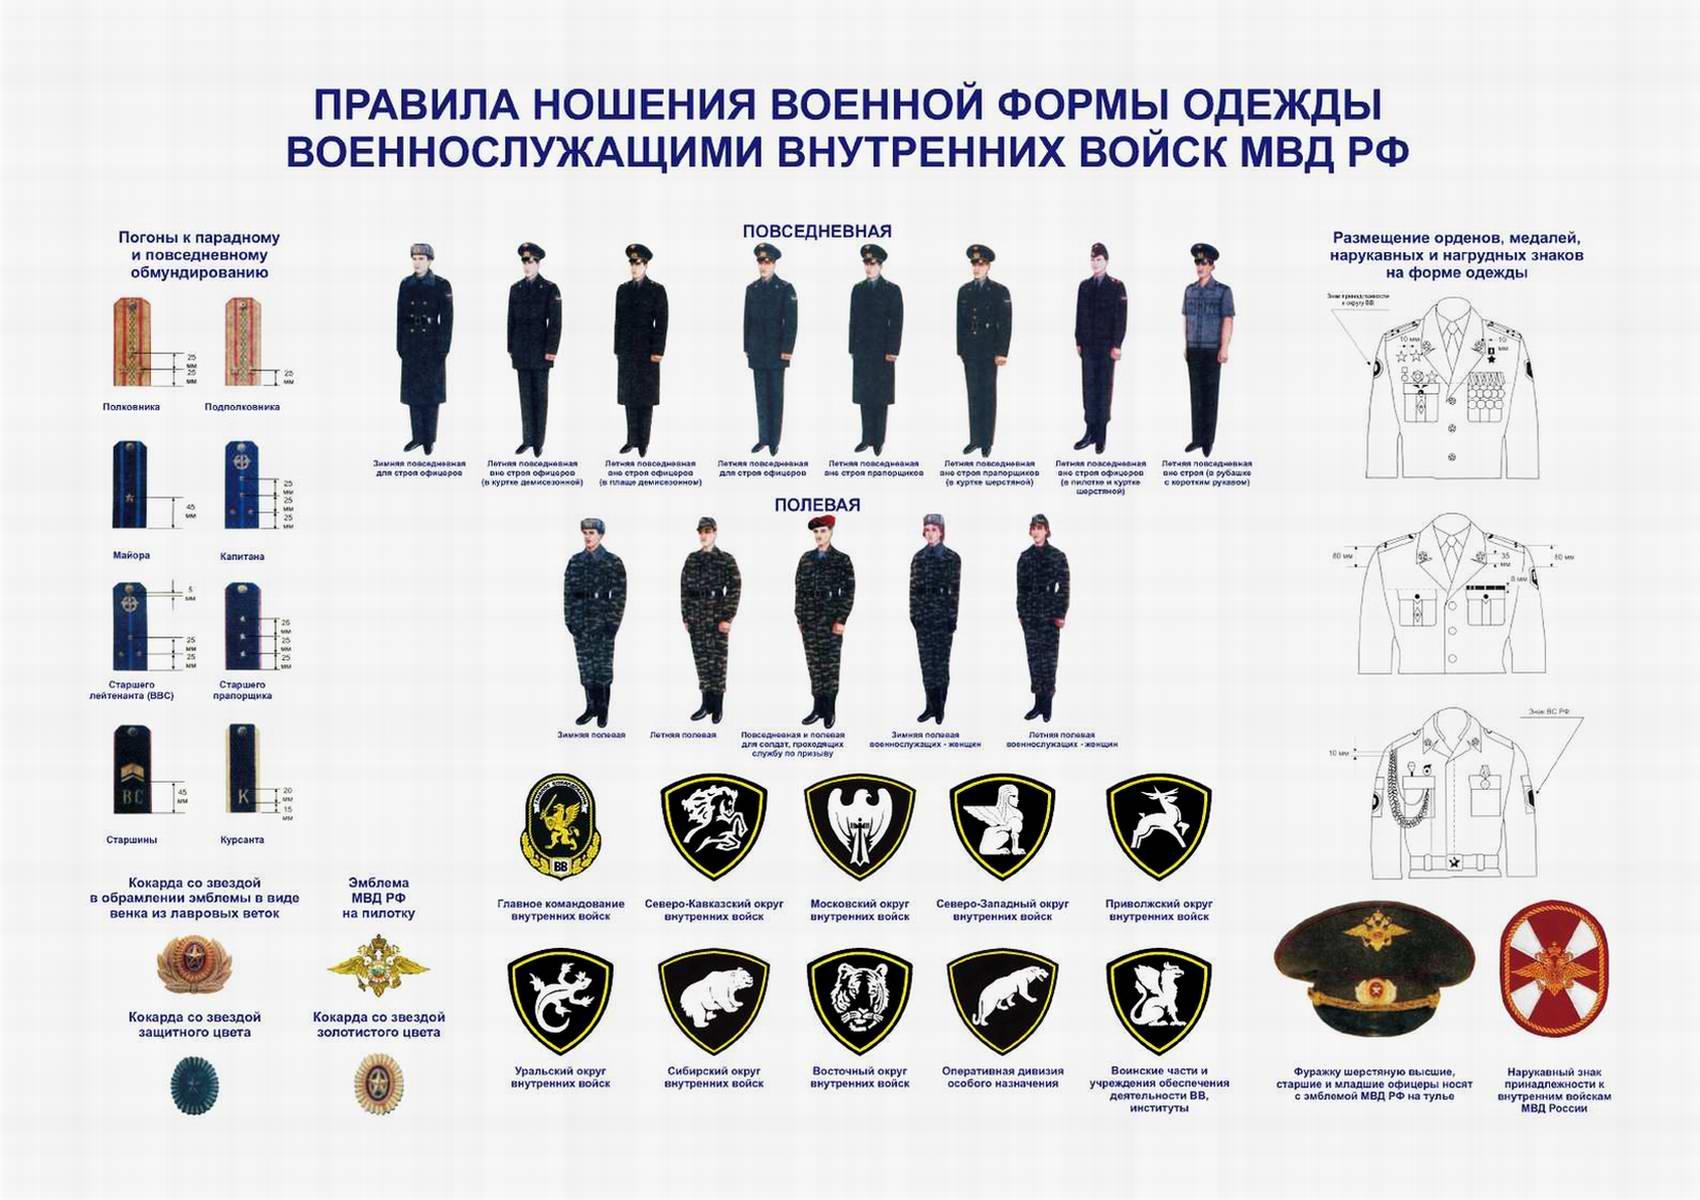 Правила ношения военной формы одежды военнослужащими Внутренних войск МВД РФ